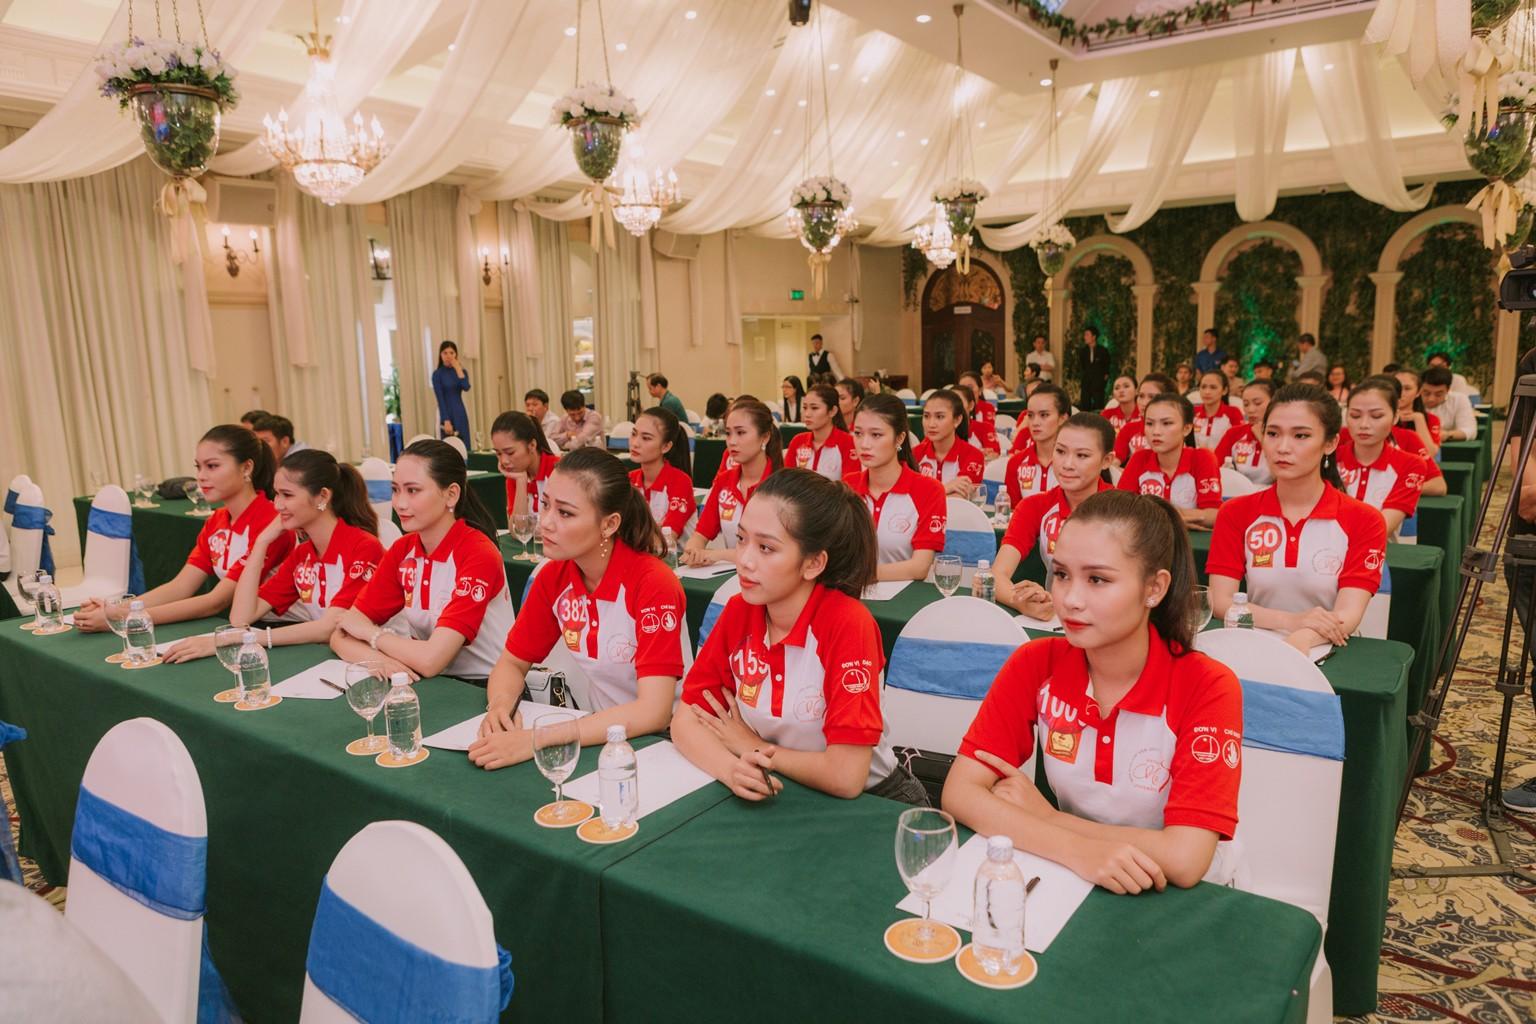 Hot: 45 nữ sinh tài năng nhất chính thức bươc vào vòng tranh tài trong đêm Chung kết Hoa khôi sinh viên Việt Nam